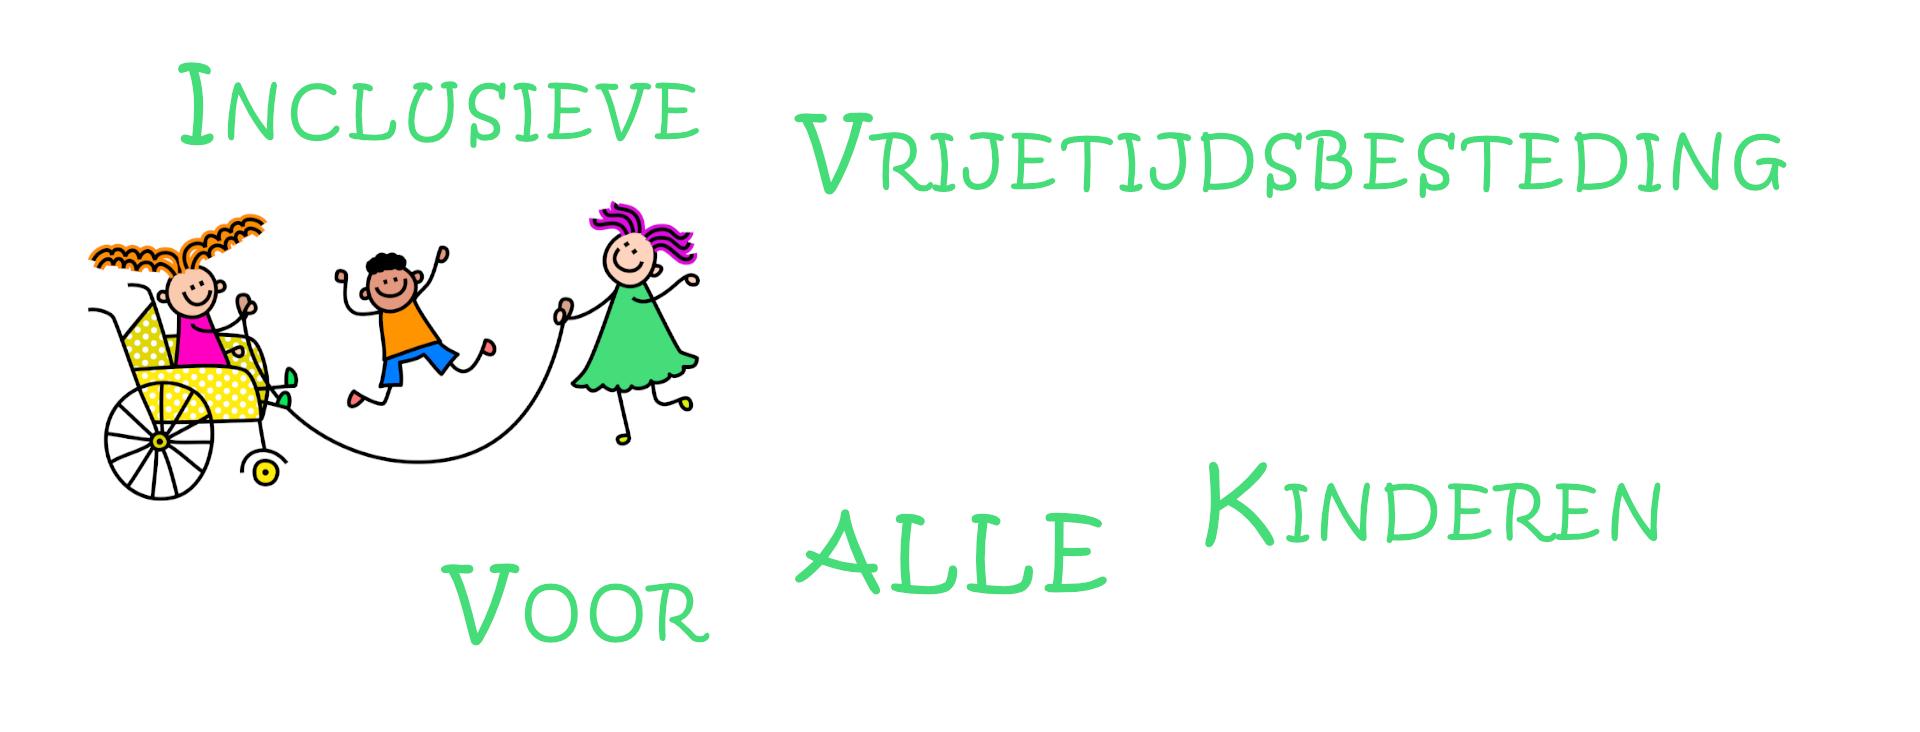 Logo Inclusieve Vrijetijdsbesteding voor alle kinderen